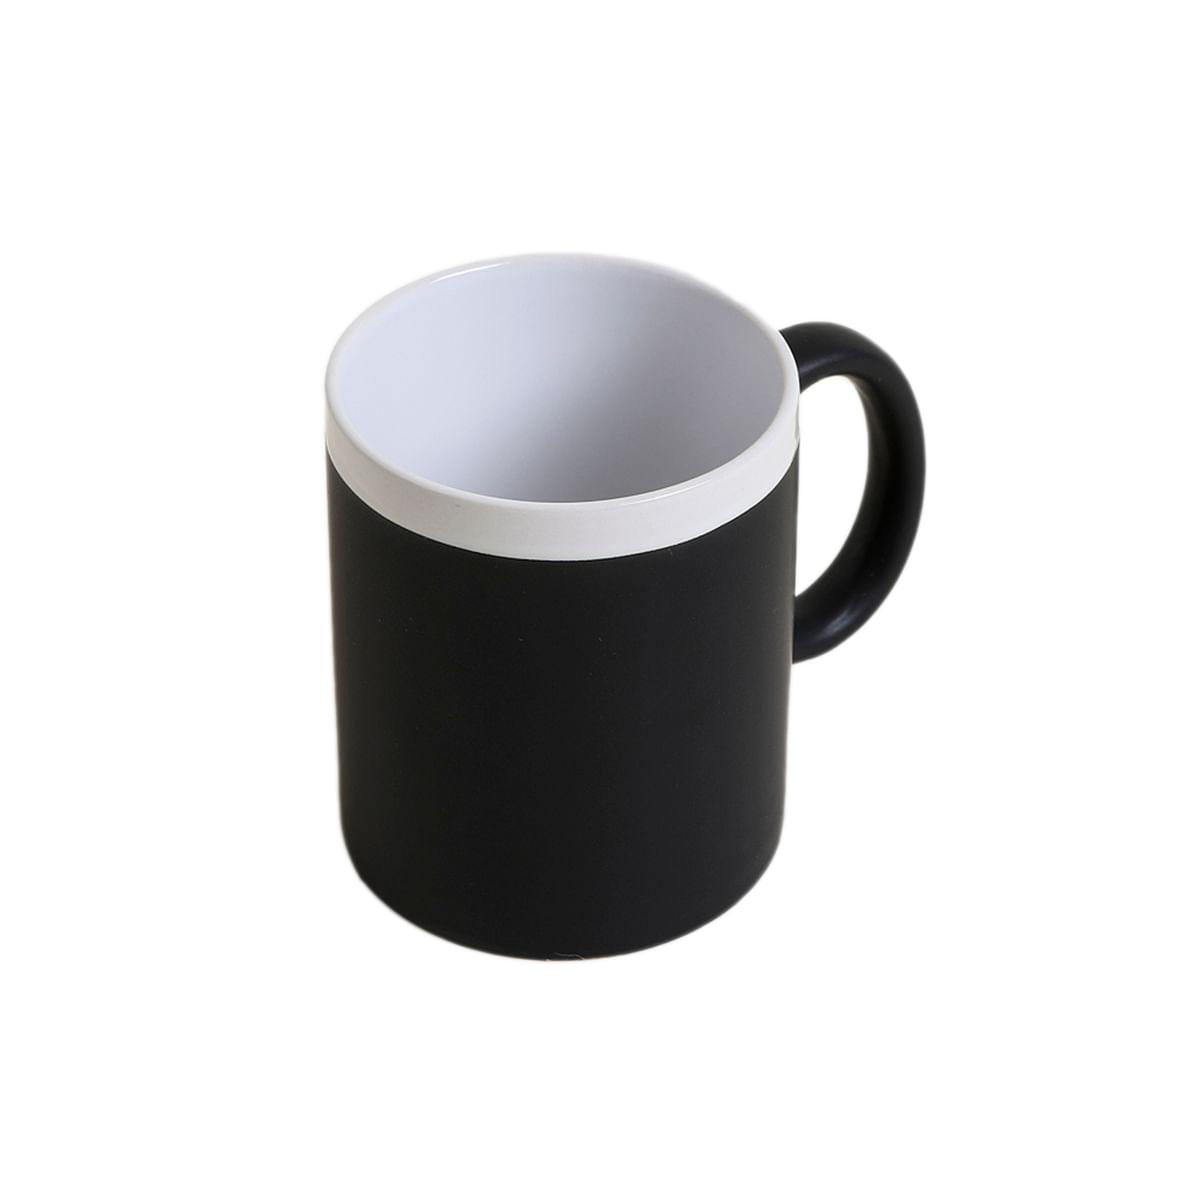 mug-combinado-ceramica